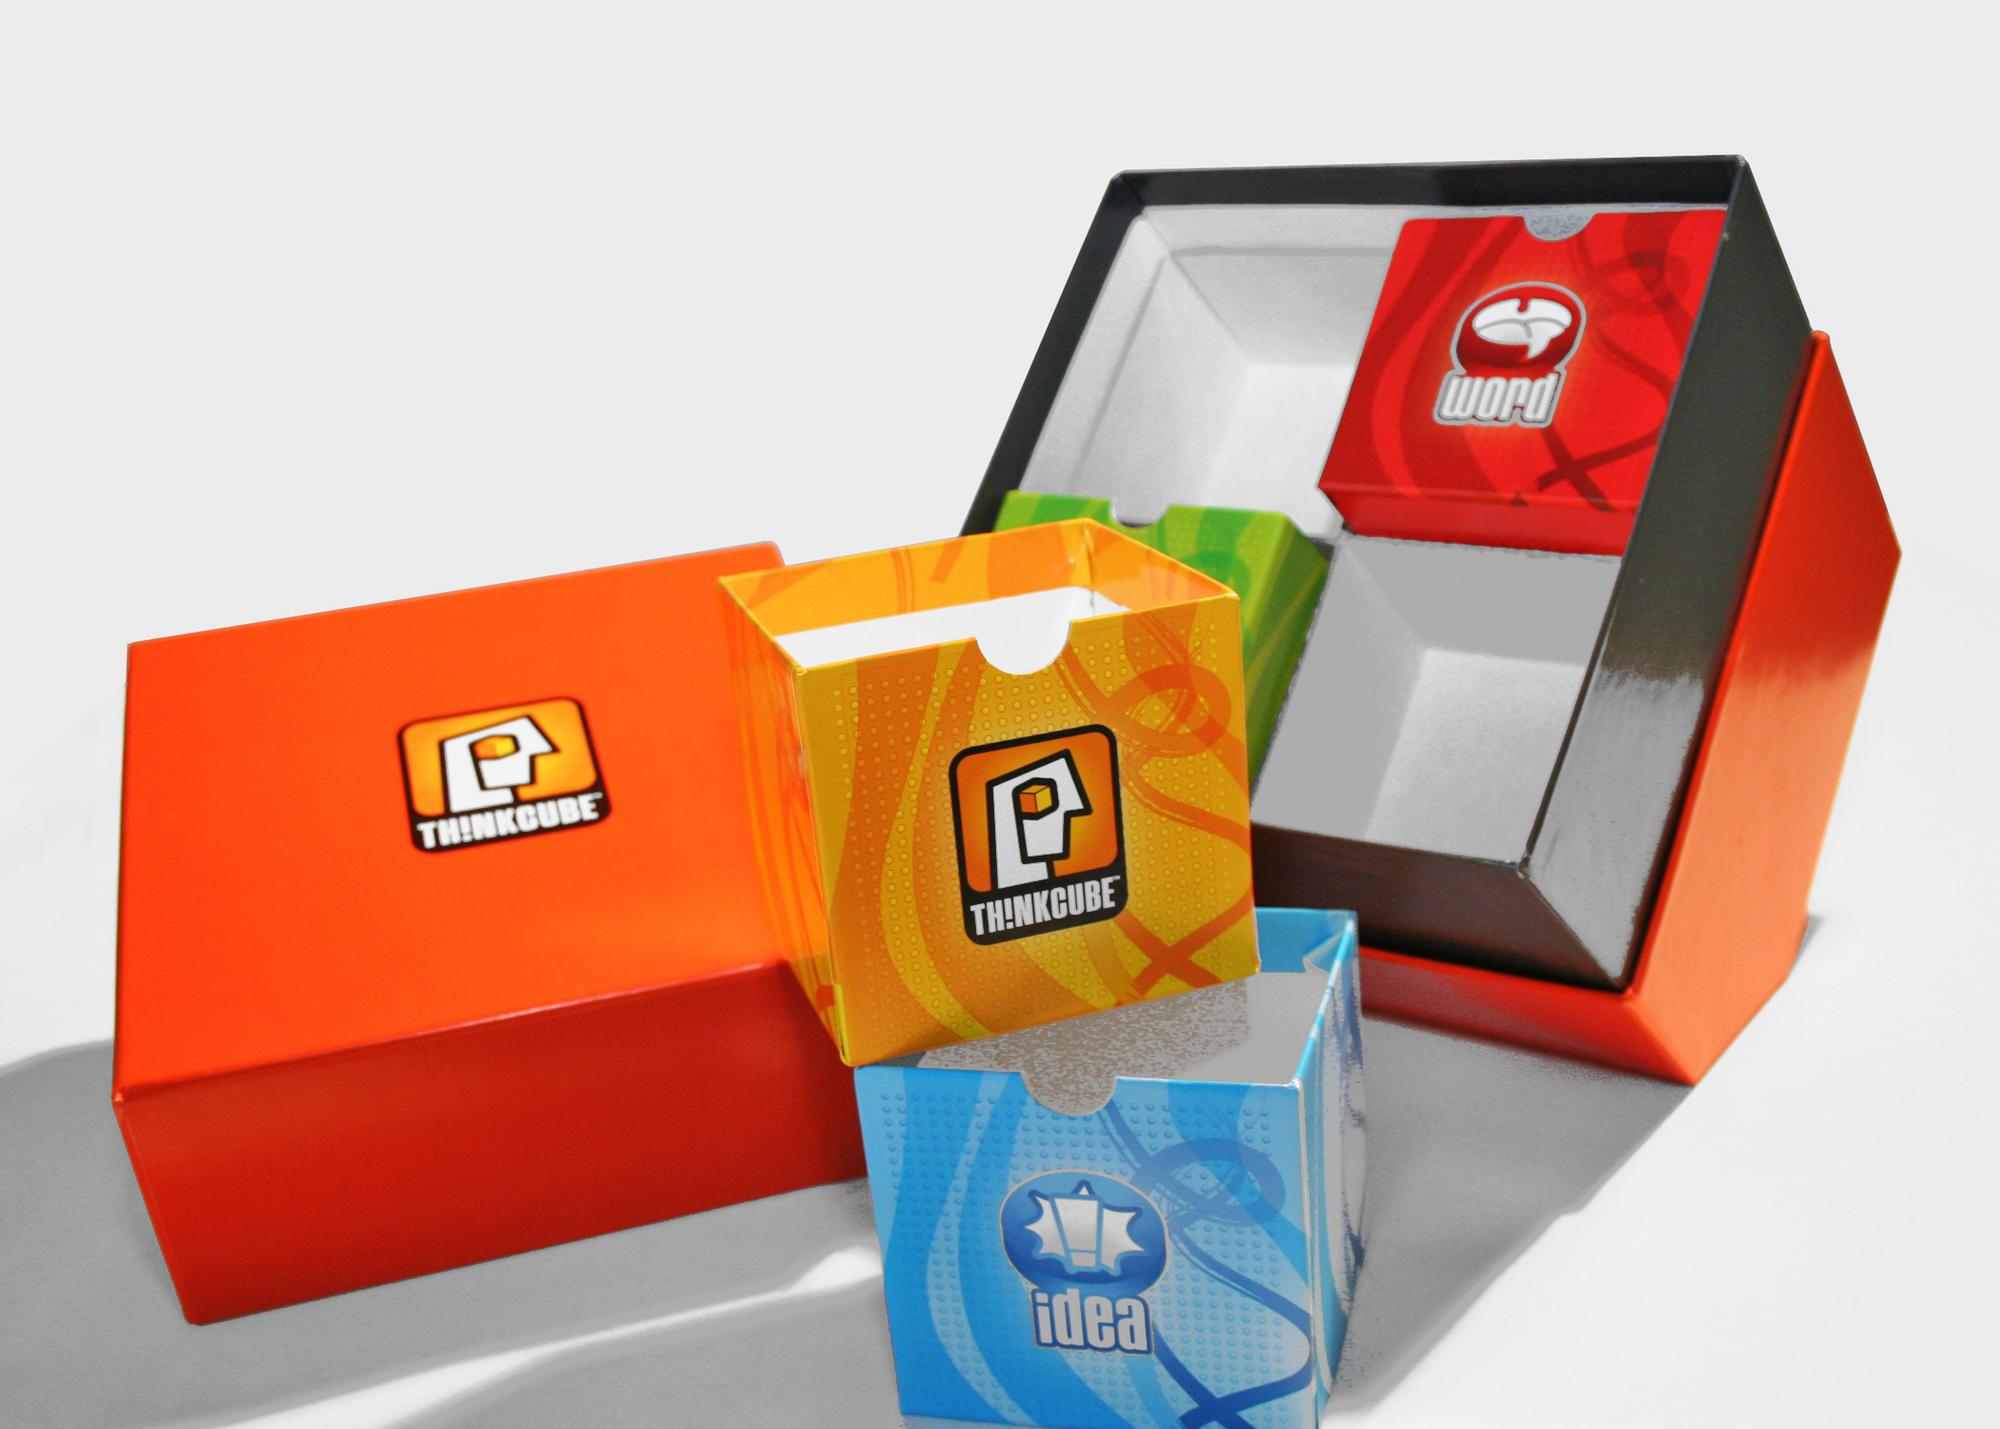 бумажная упаковка для пищевых продуктов купить в розницу корзину Главная